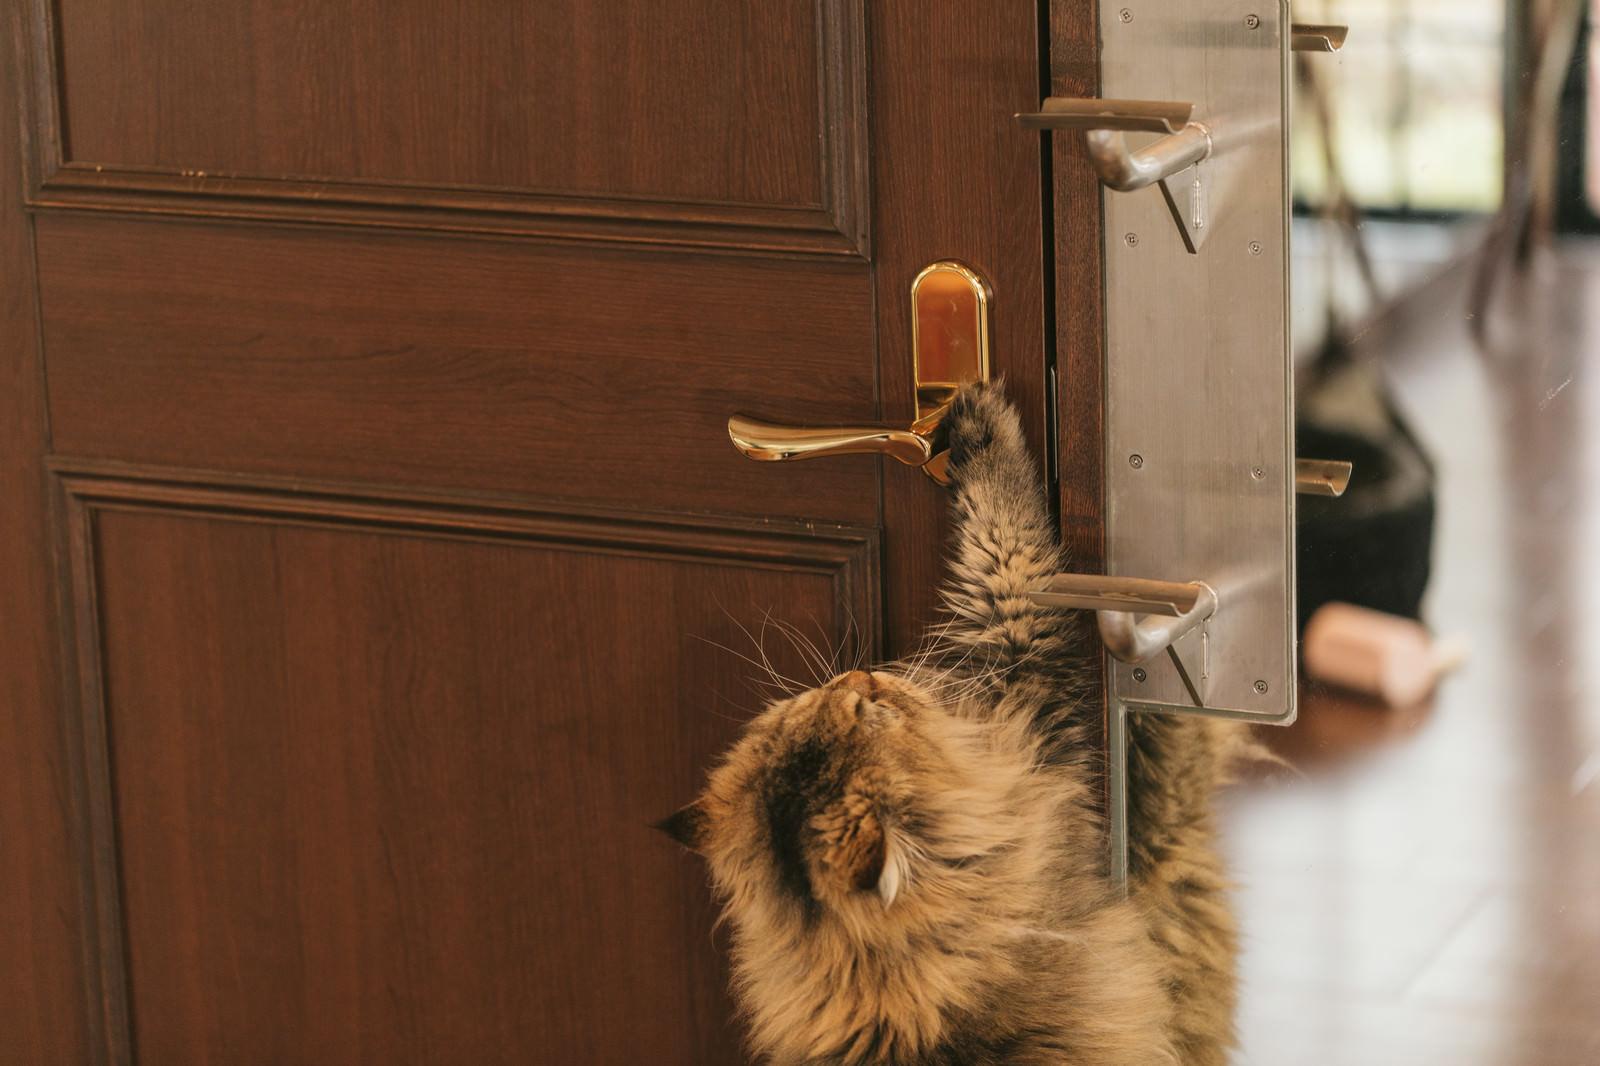 「ドアノブに手をかける猫」の写真